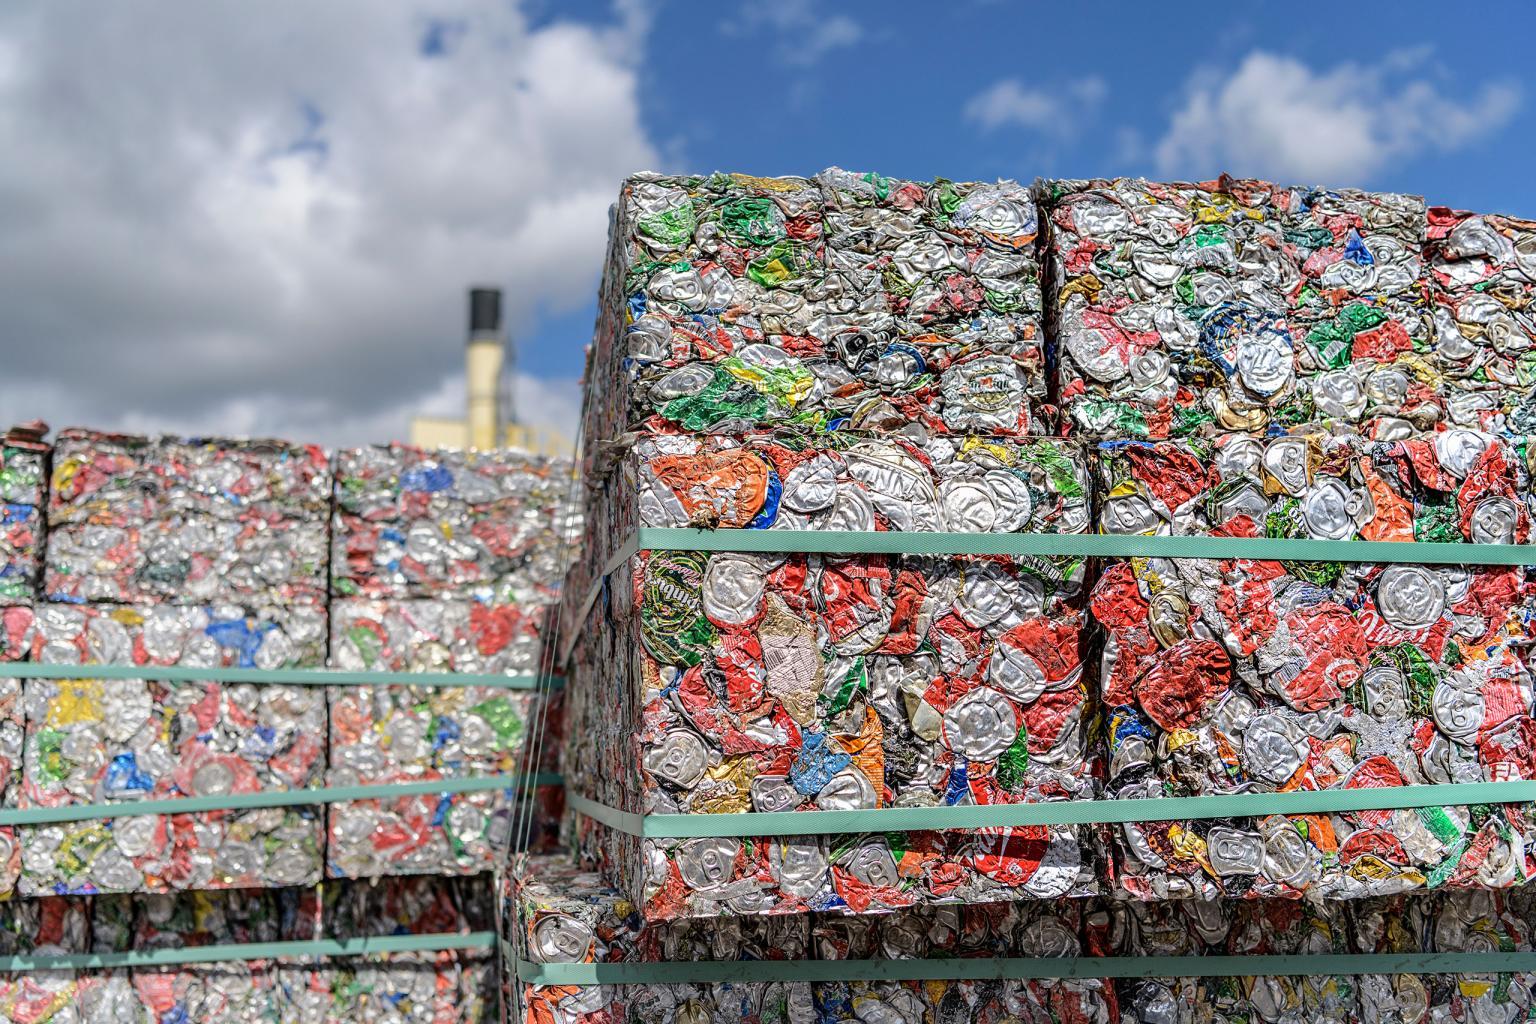 aluminium packaging recycling